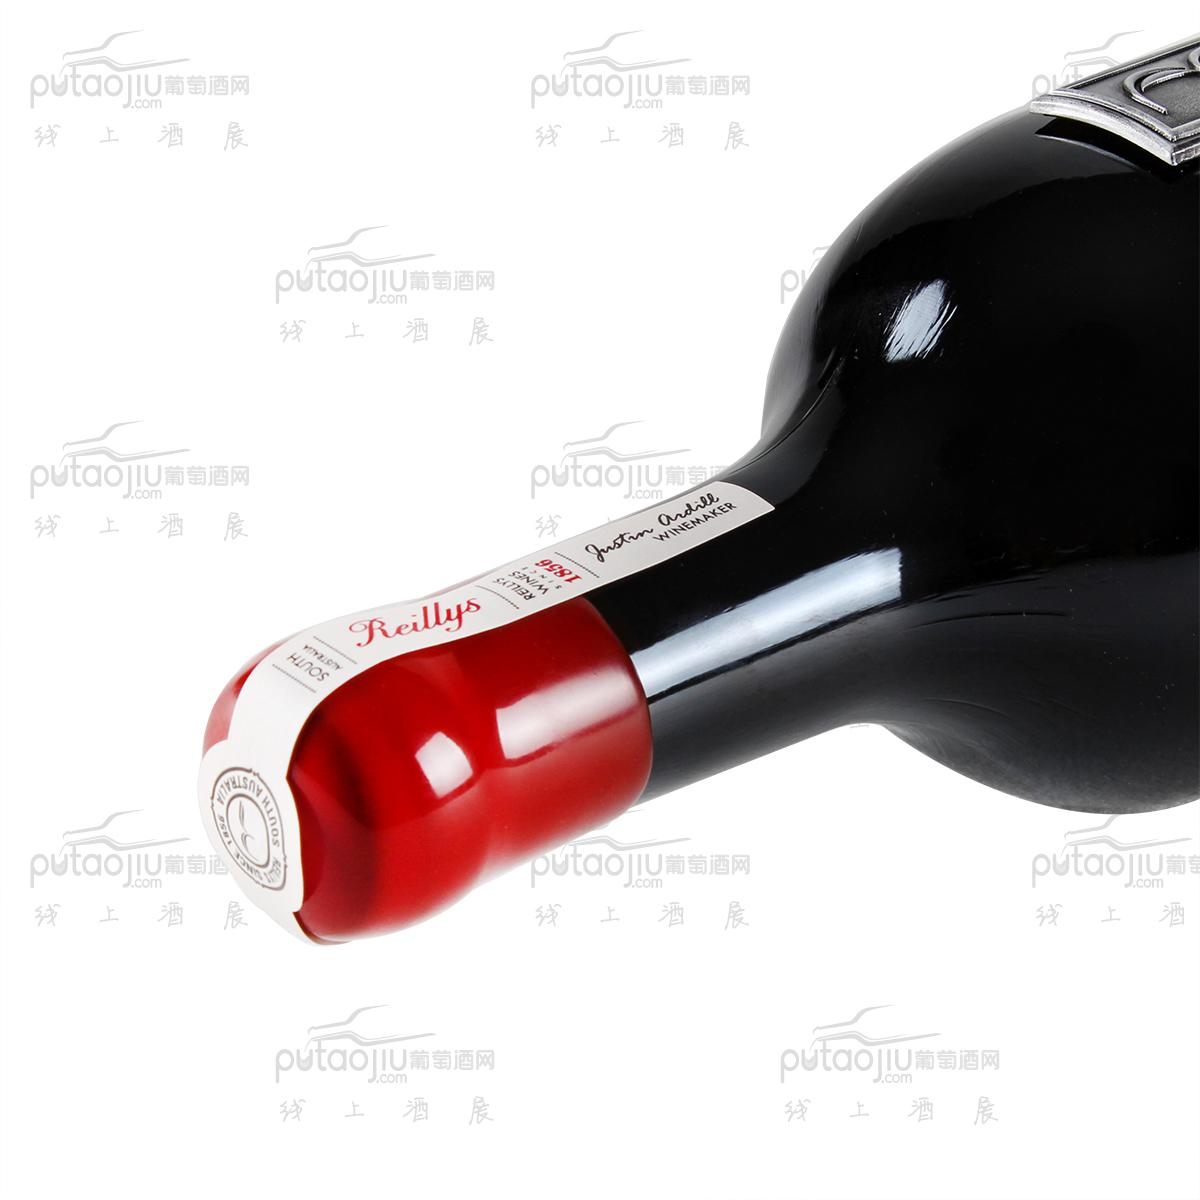 澳大利亚克莱尔谷莱利斯西拉休.莱利巴罗萨谷干红葡萄酒